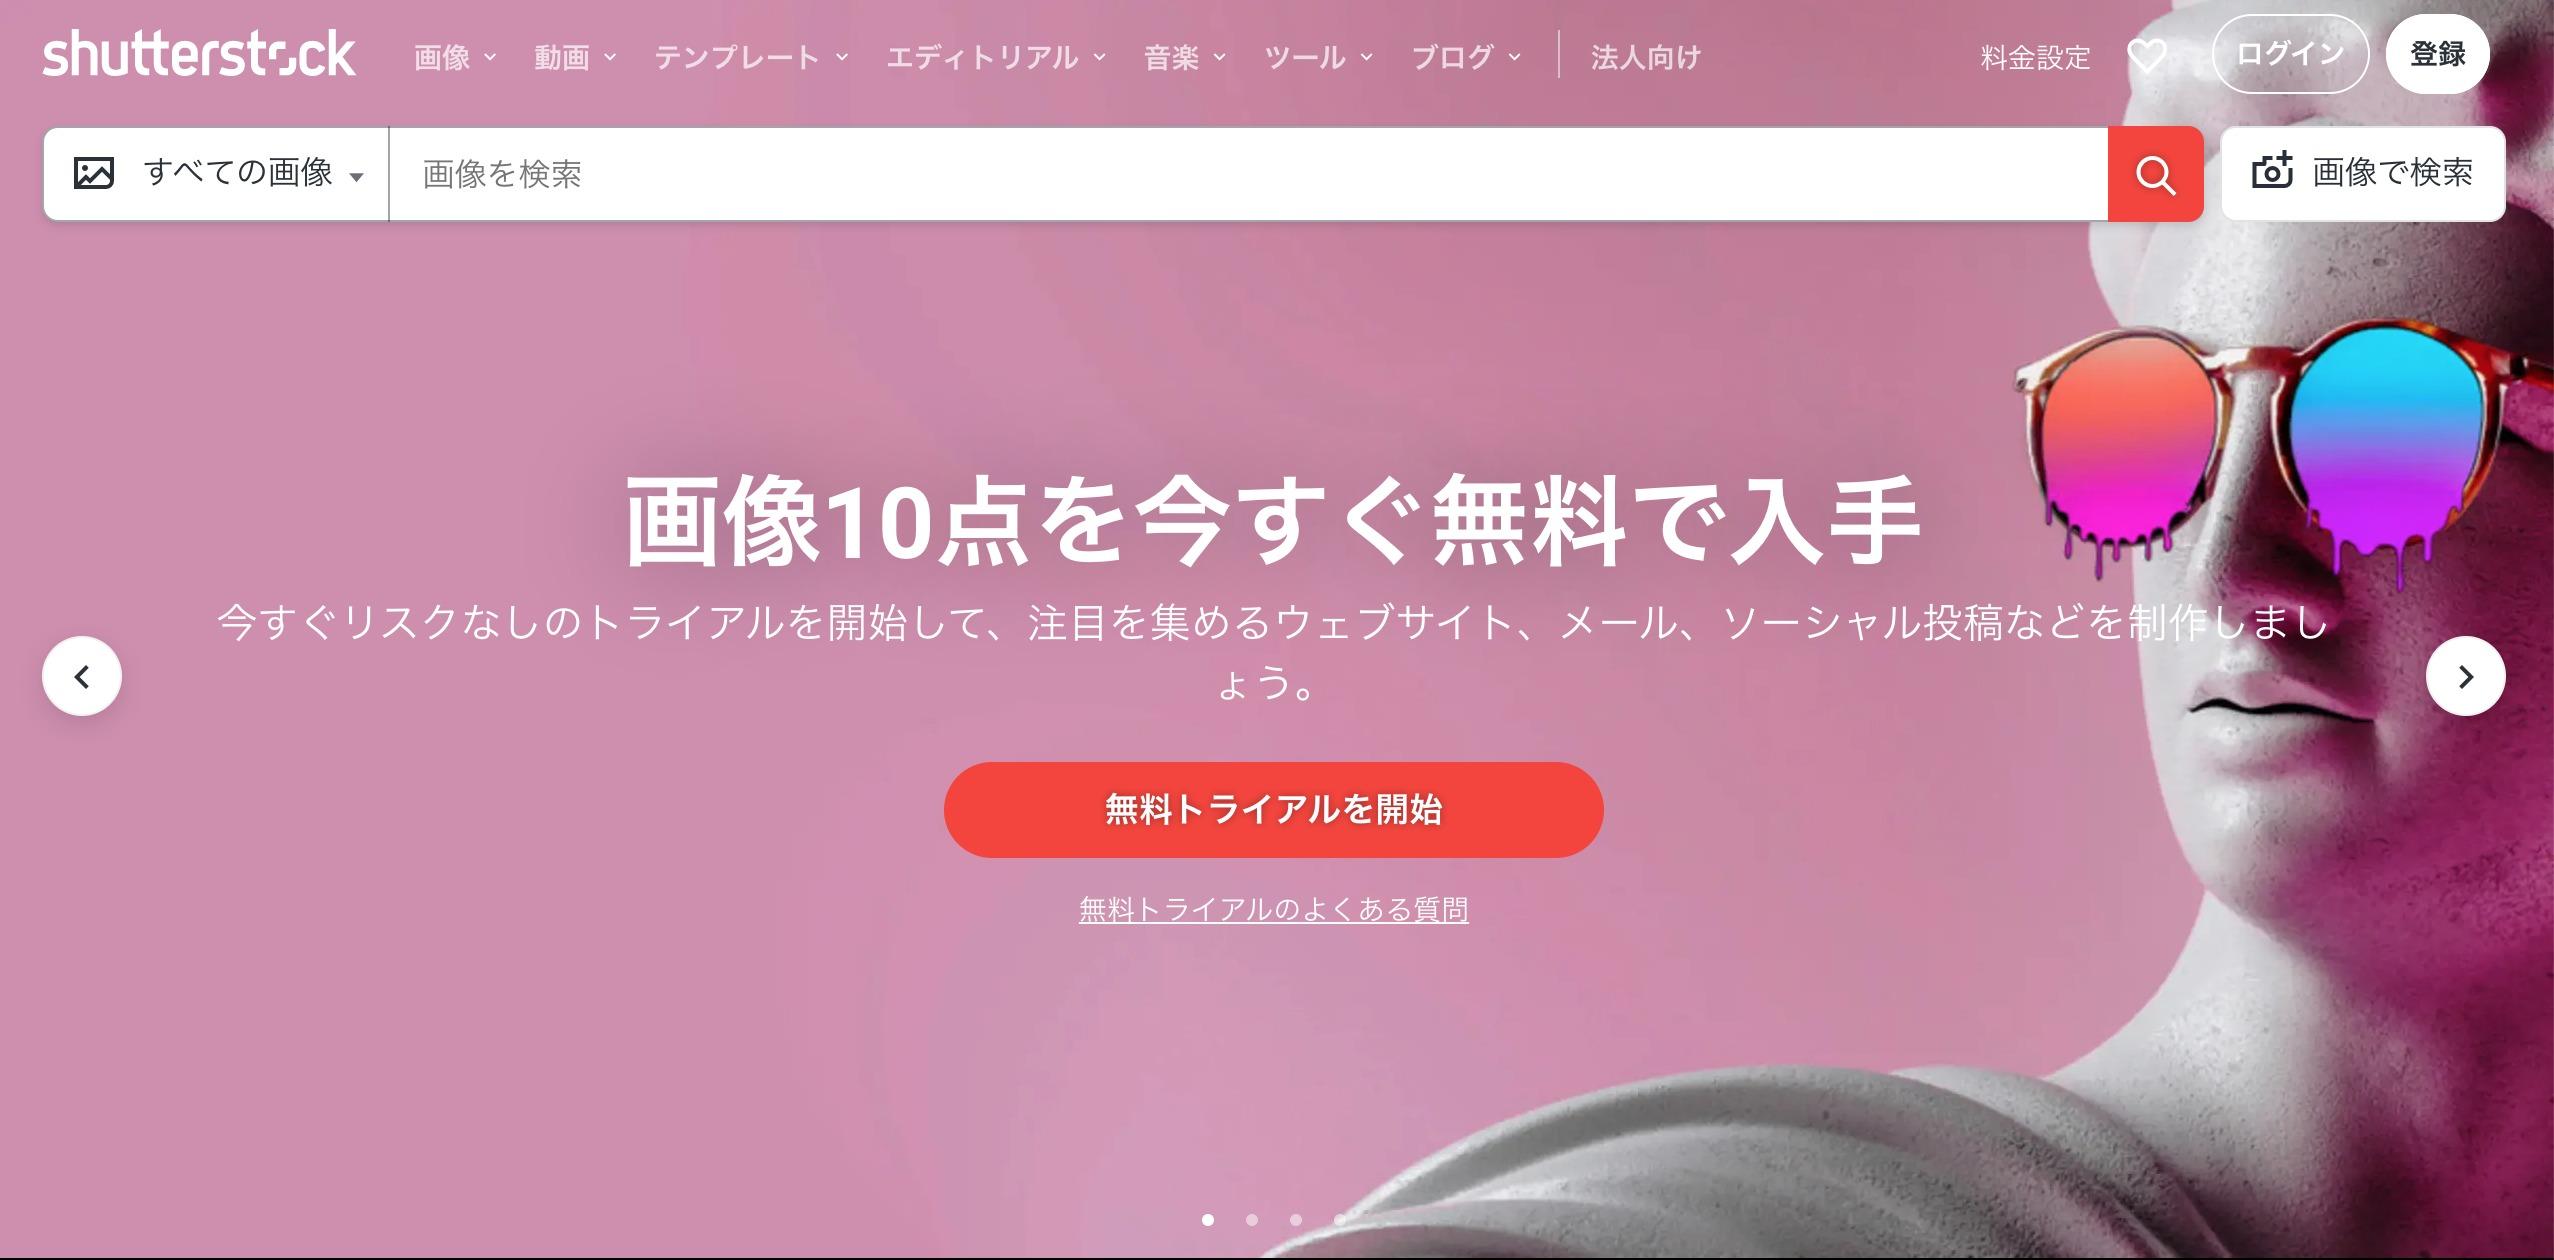 Screenshot 2020 12 16 at 10.26.50